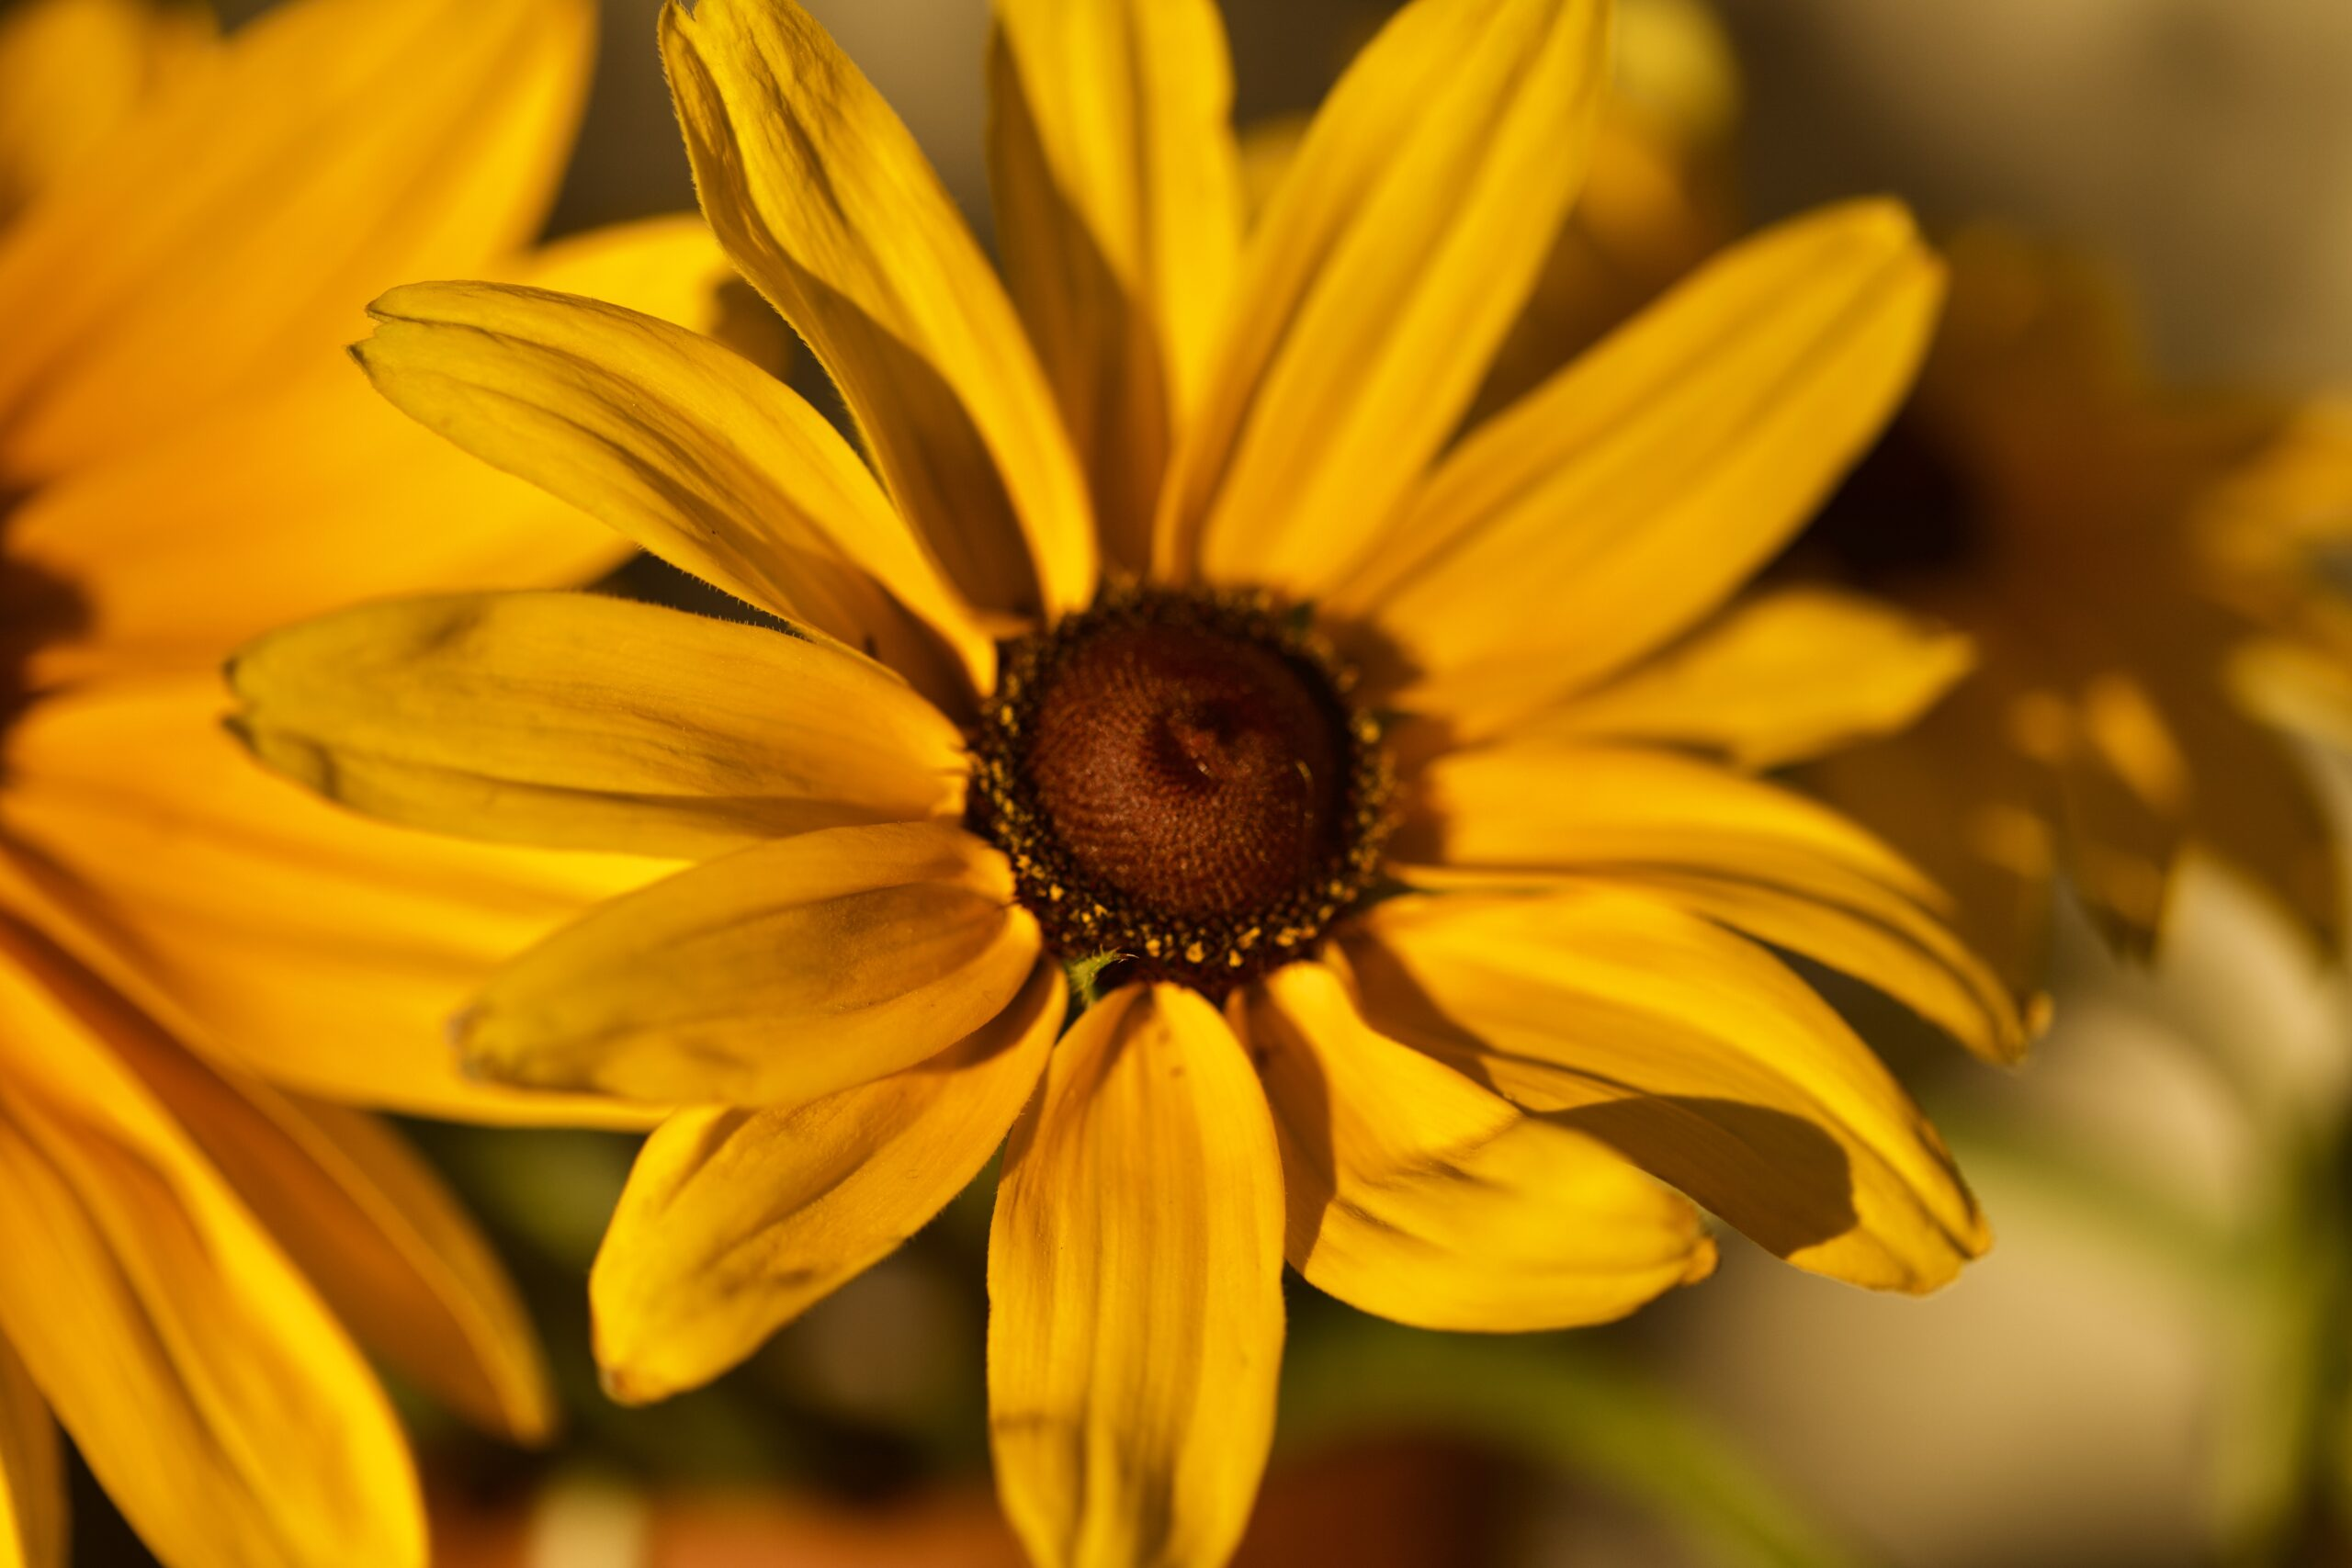 Sunflower in golden sunlight